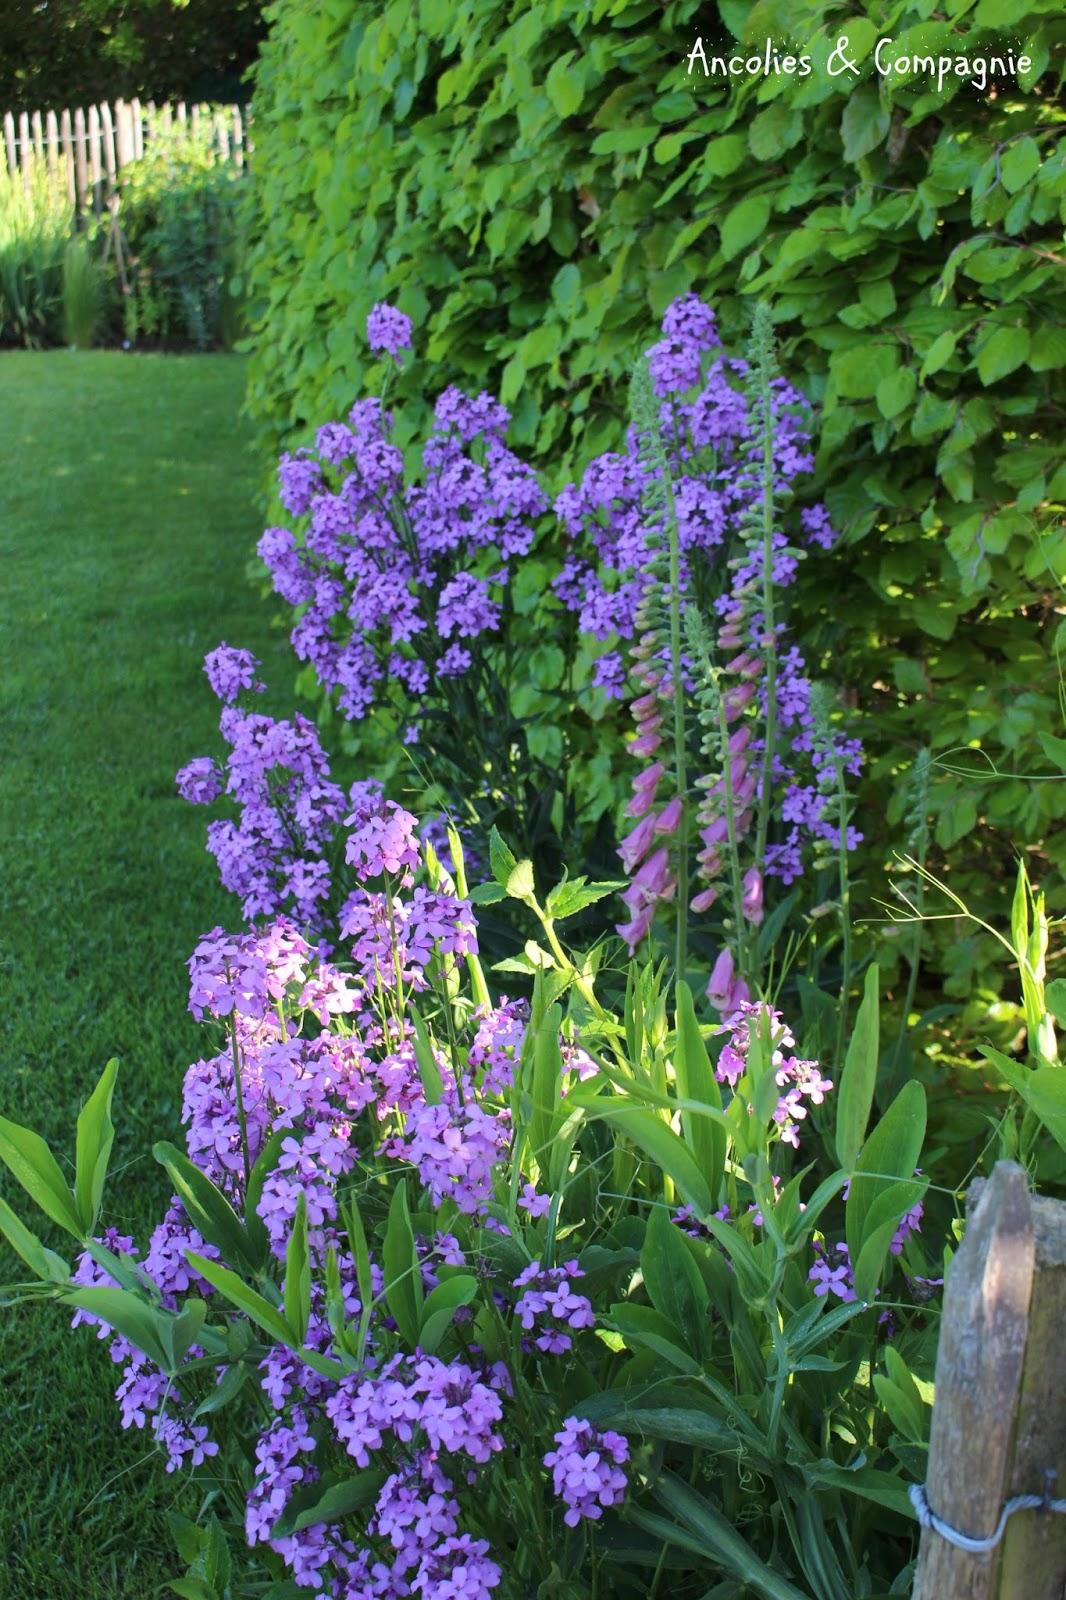 Ancolies compagnie de la couleur pastel au jardin for Au jardin des couleurs